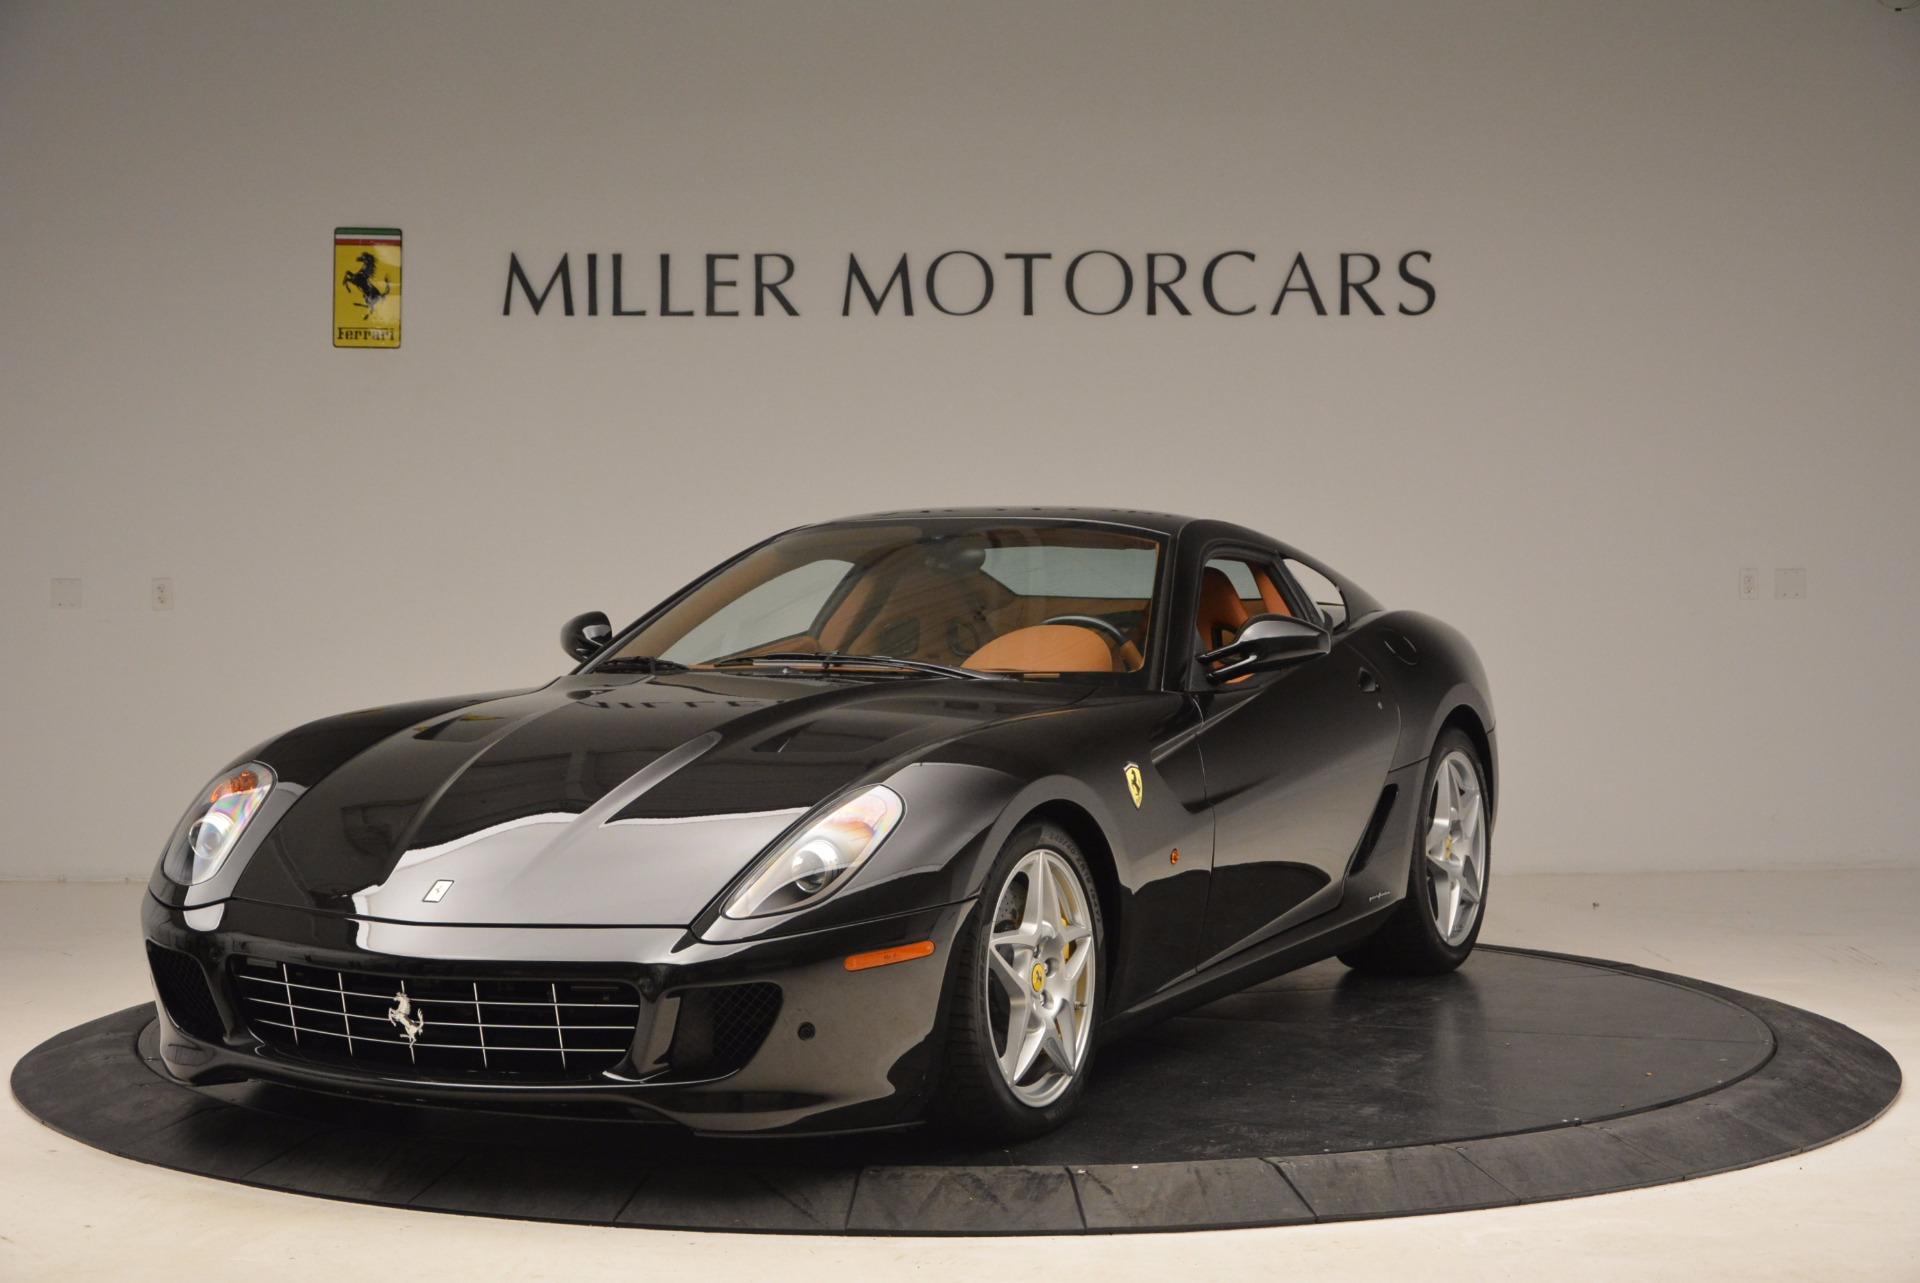 Used 2008 Ferrari 599 GTB Fiorano for sale Sold at Alfa Romeo of Greenwich in Greenwich CT 06830 1